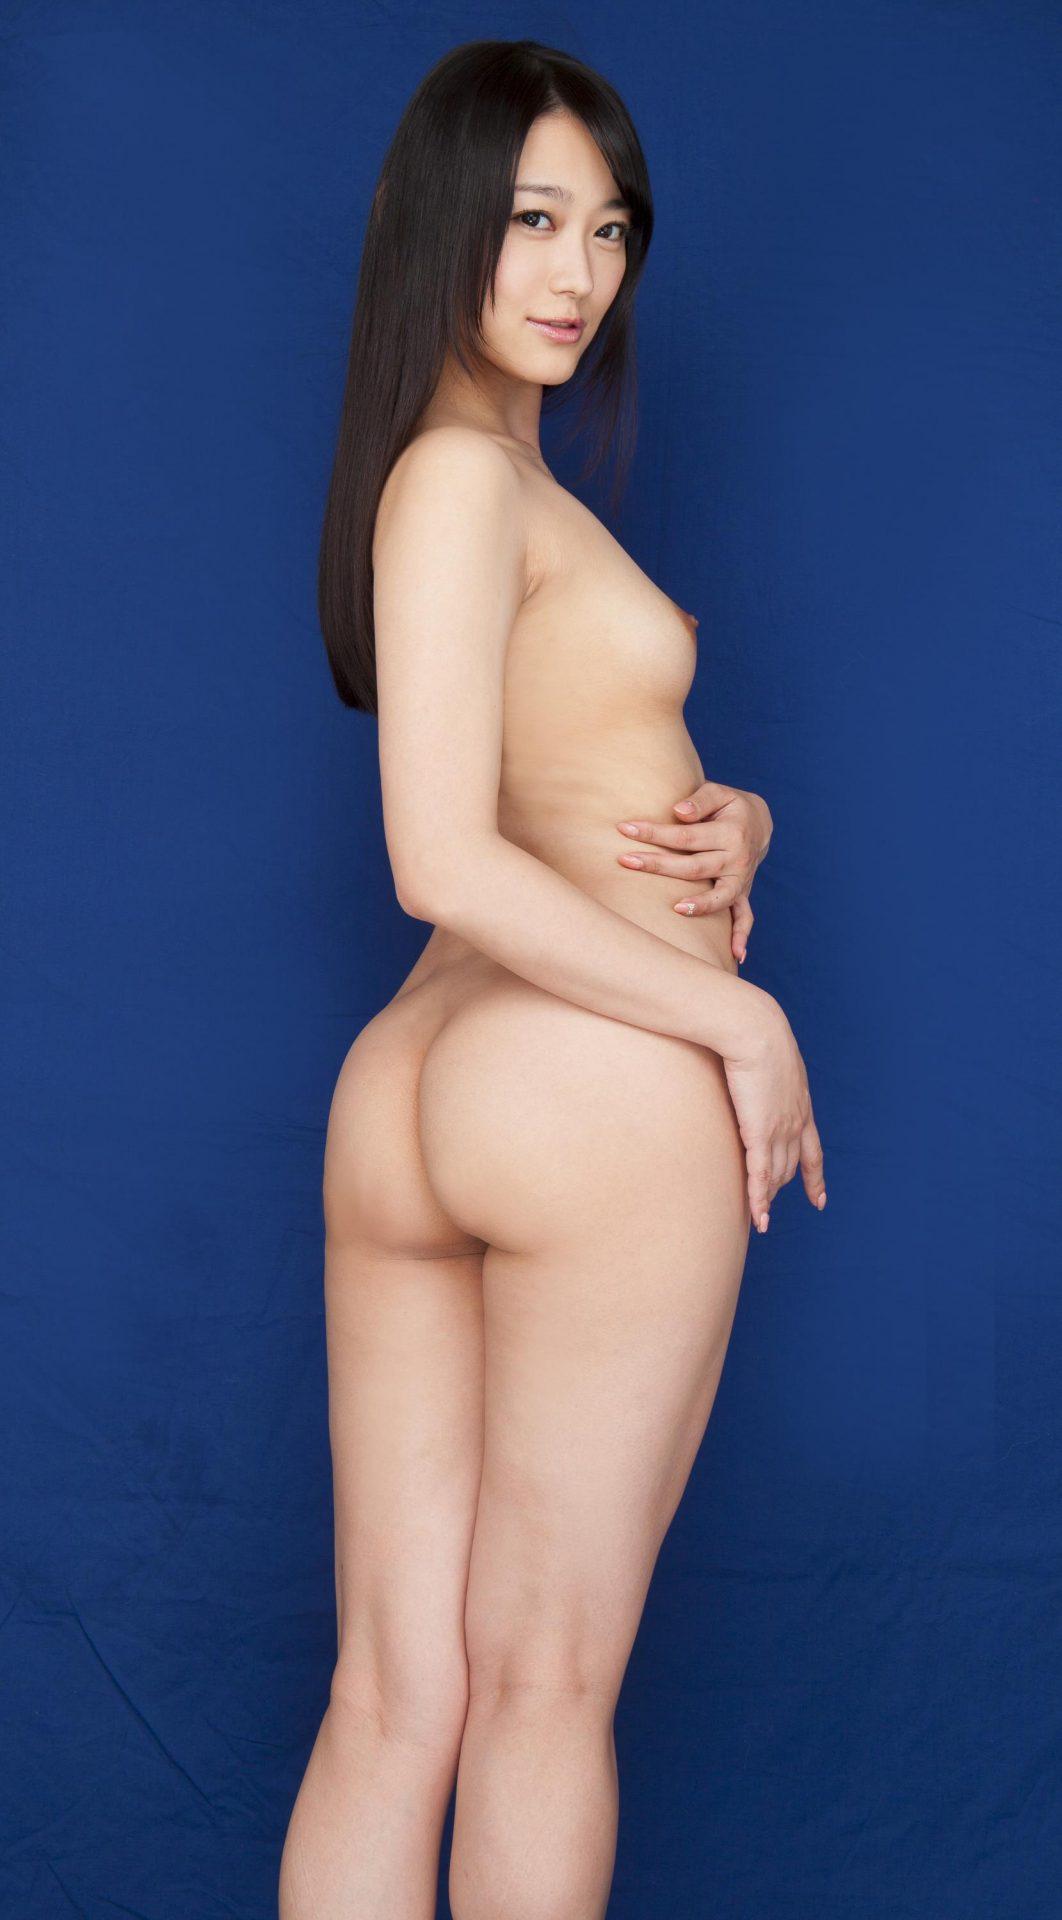 三次元 3次元 エロ画像 AV女優 西野翔 ヌード べっぴん娘通信 092